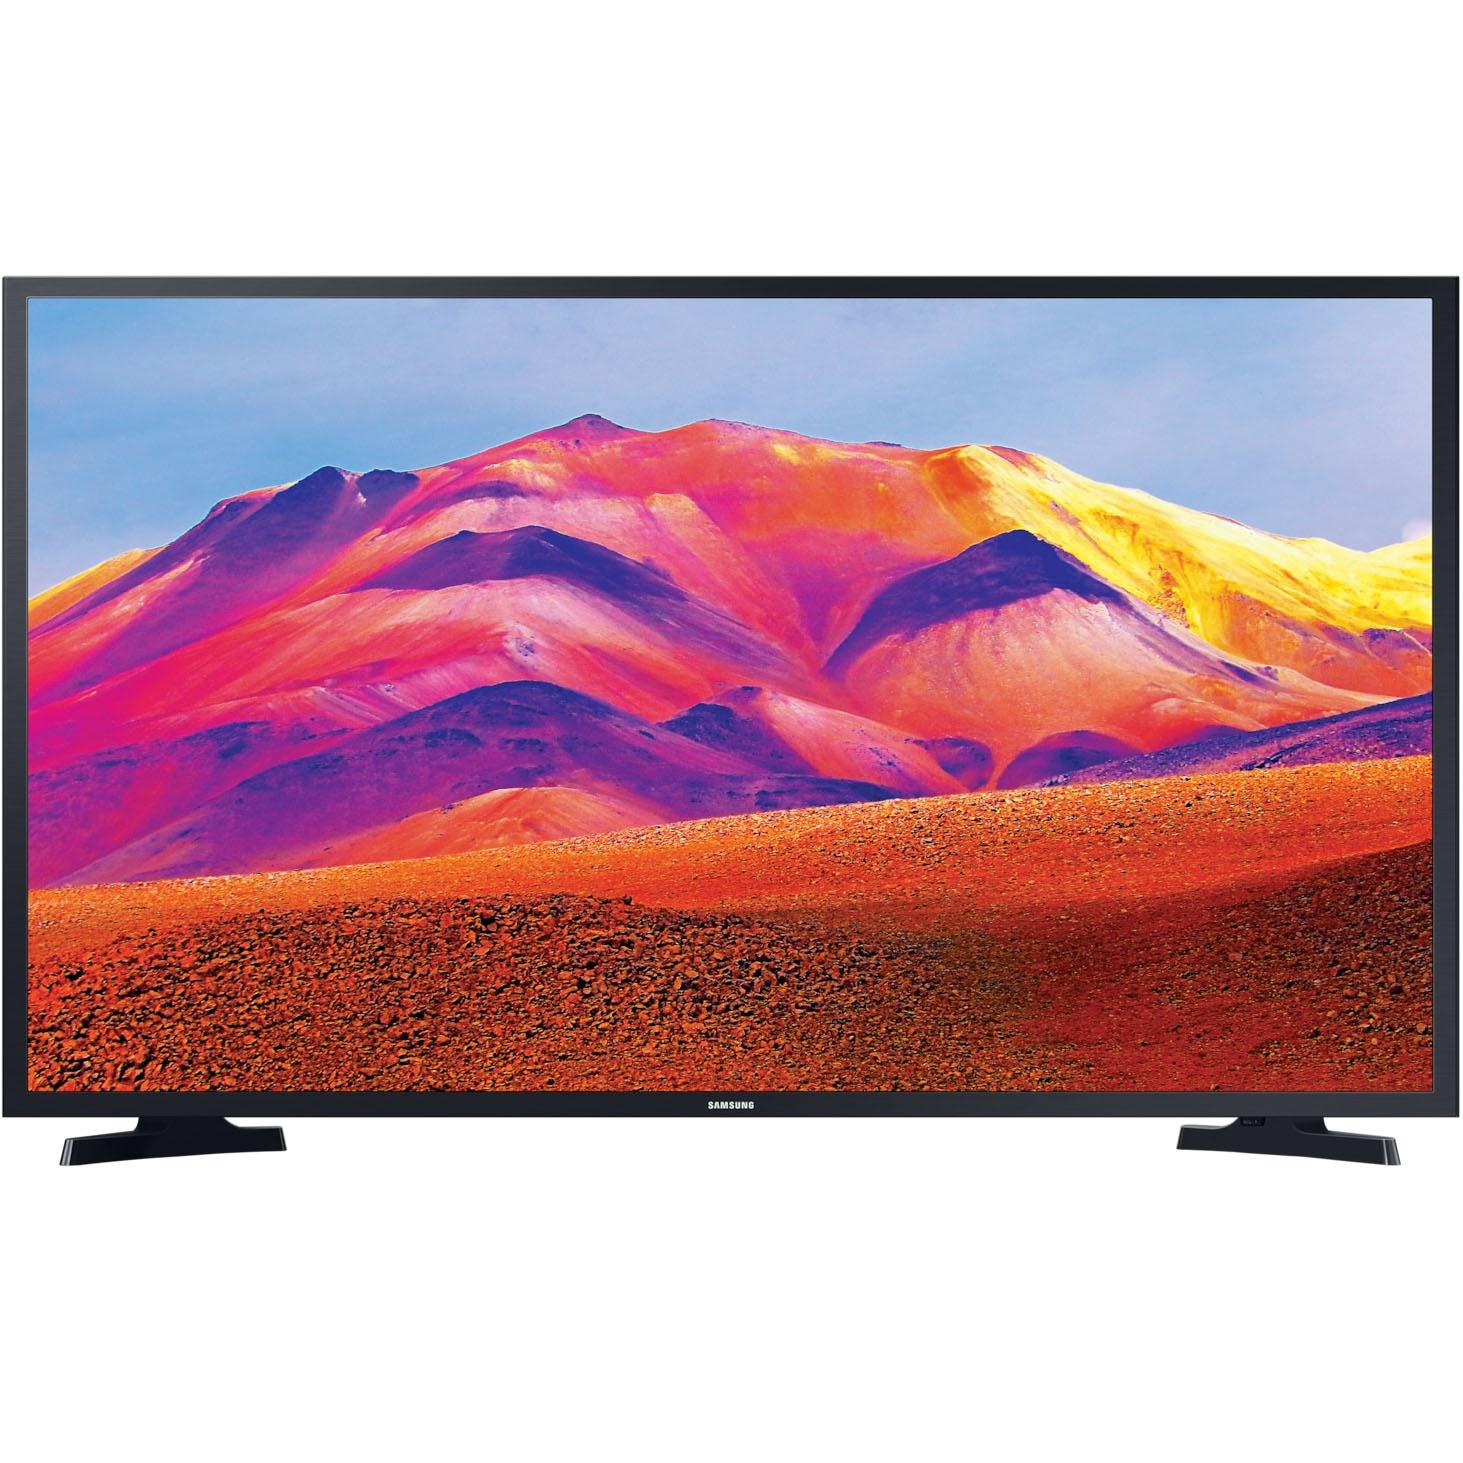 Фото - Телевизор Samsung UE32T5300AUXRU (2020) зеланд в трансерфинг реальности ступень 5 яблоки падают в небо